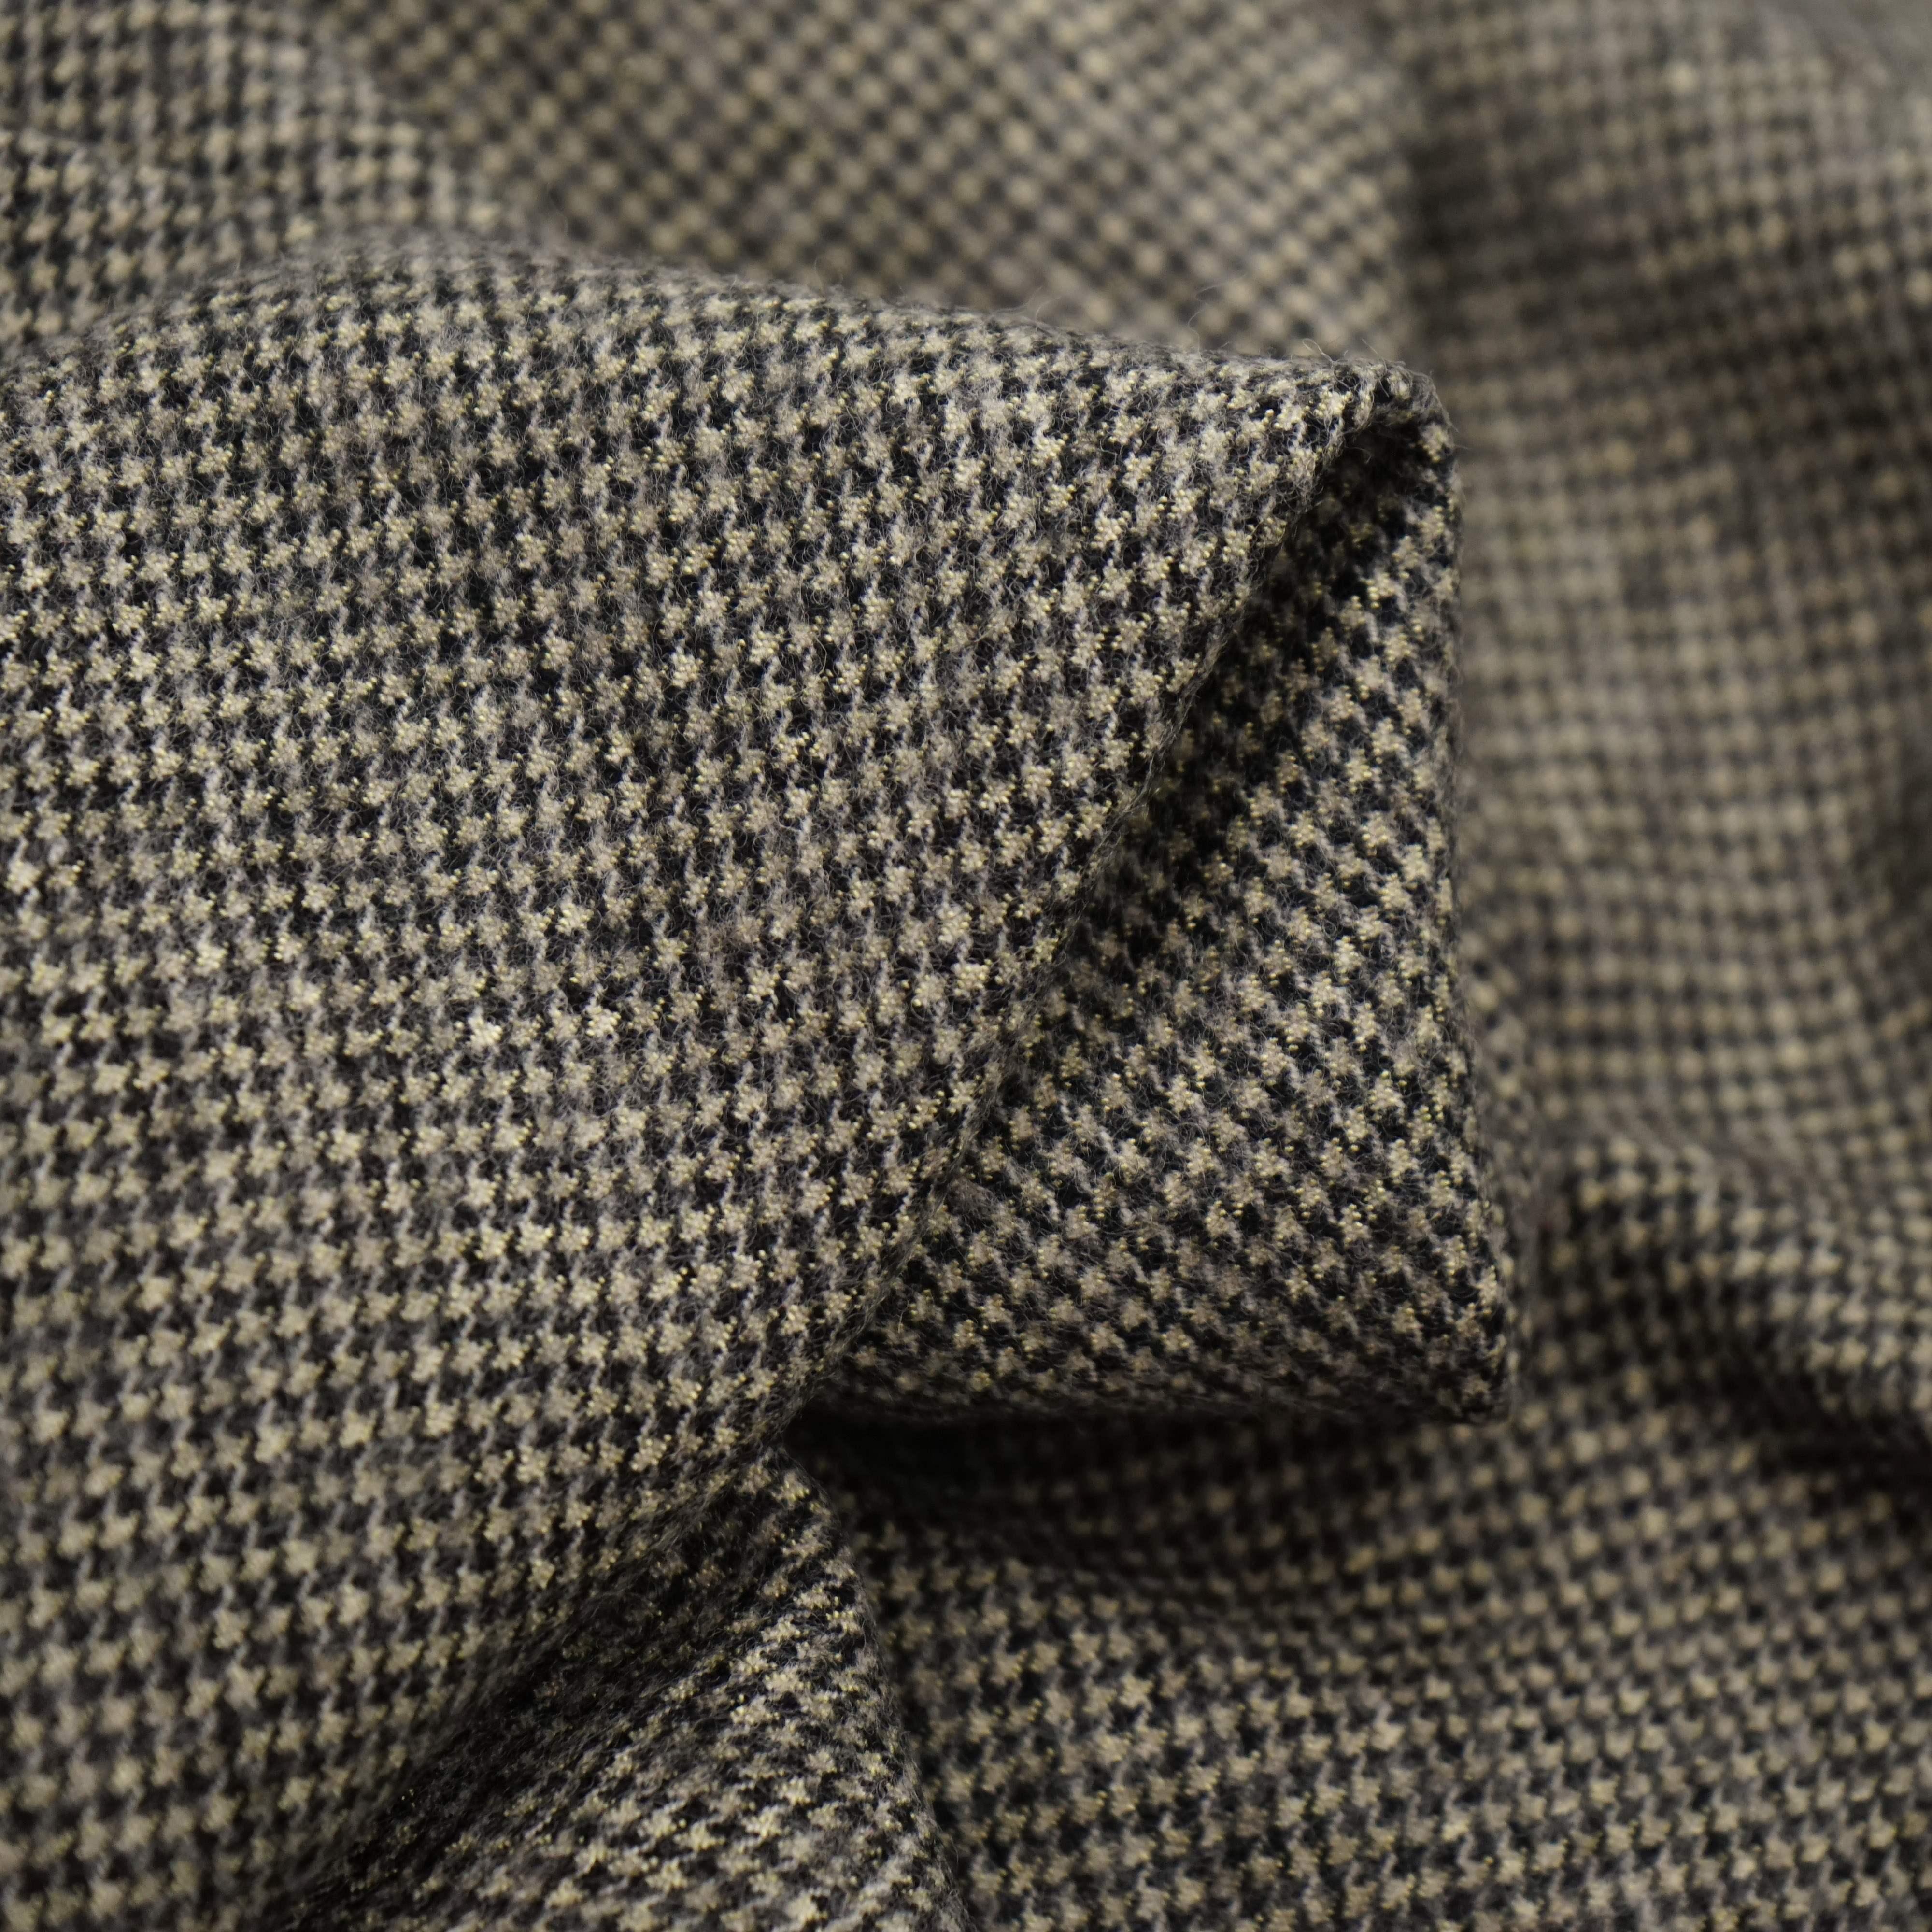 金丝磨毛小千鸟半精纺羊毛面料 520g偏厚复古千鸟格子粗花呢布料